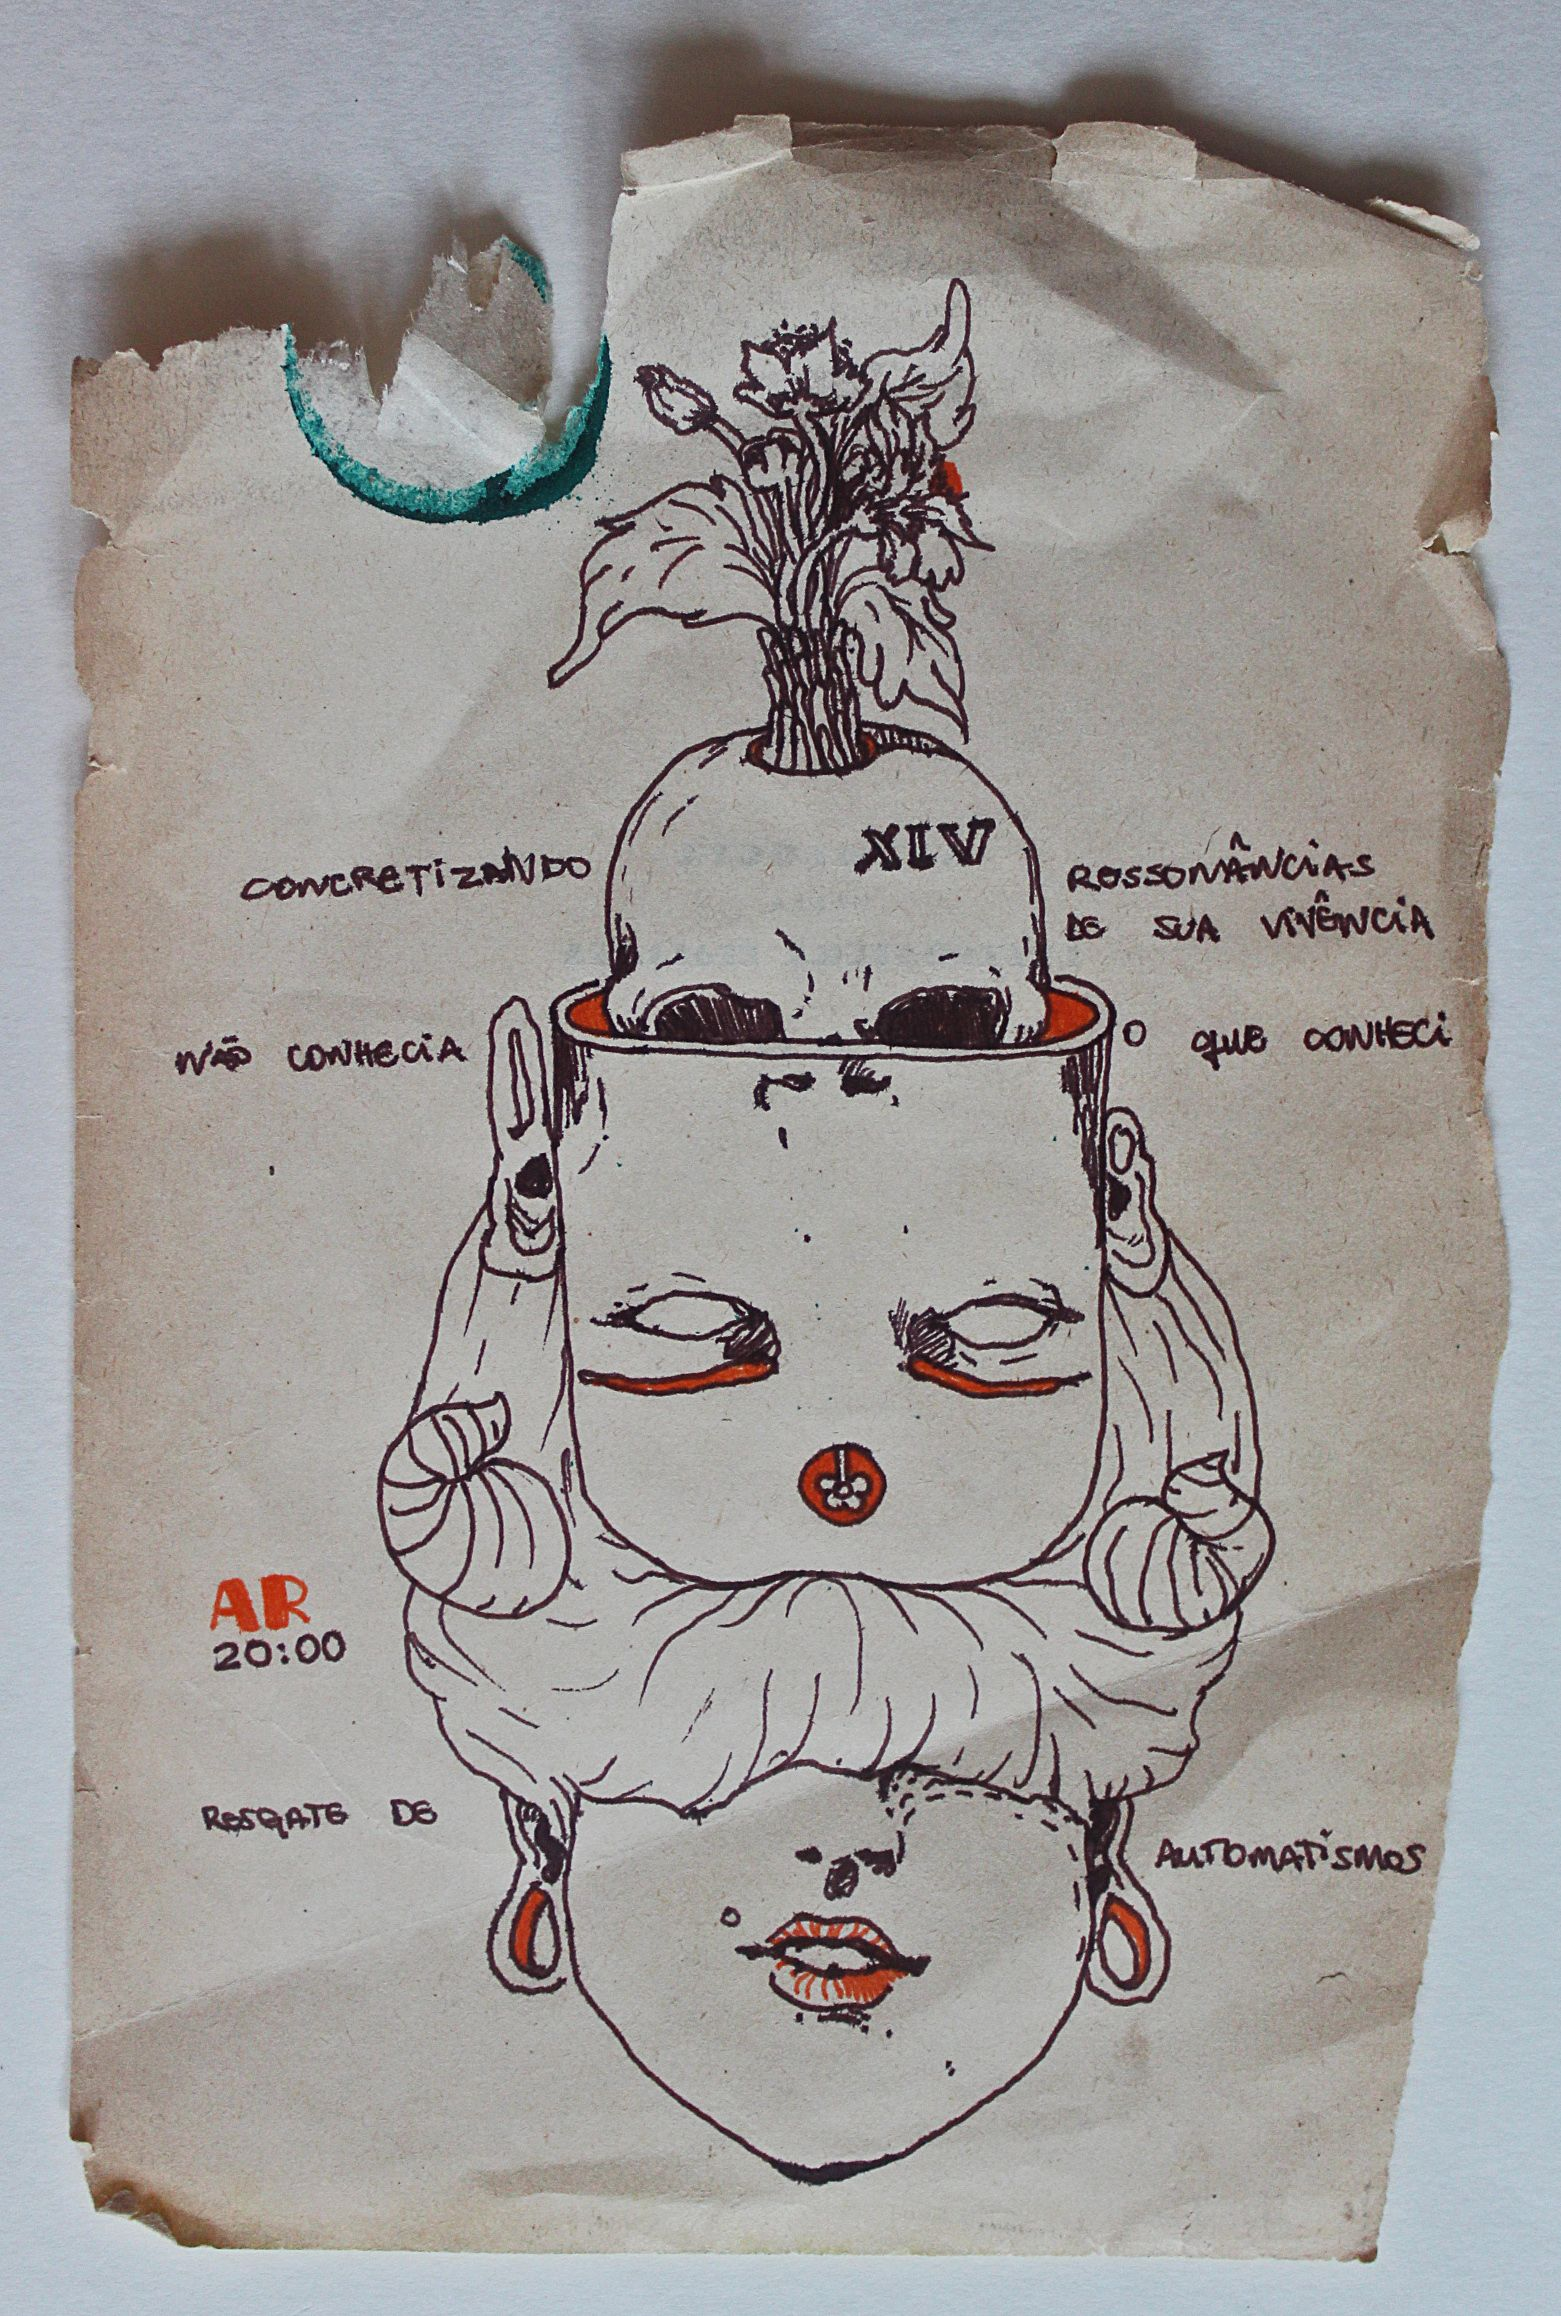 AR - De saudade verdadeira não se sofre 19 x 14 cm - Nanquim sobre papel 2014